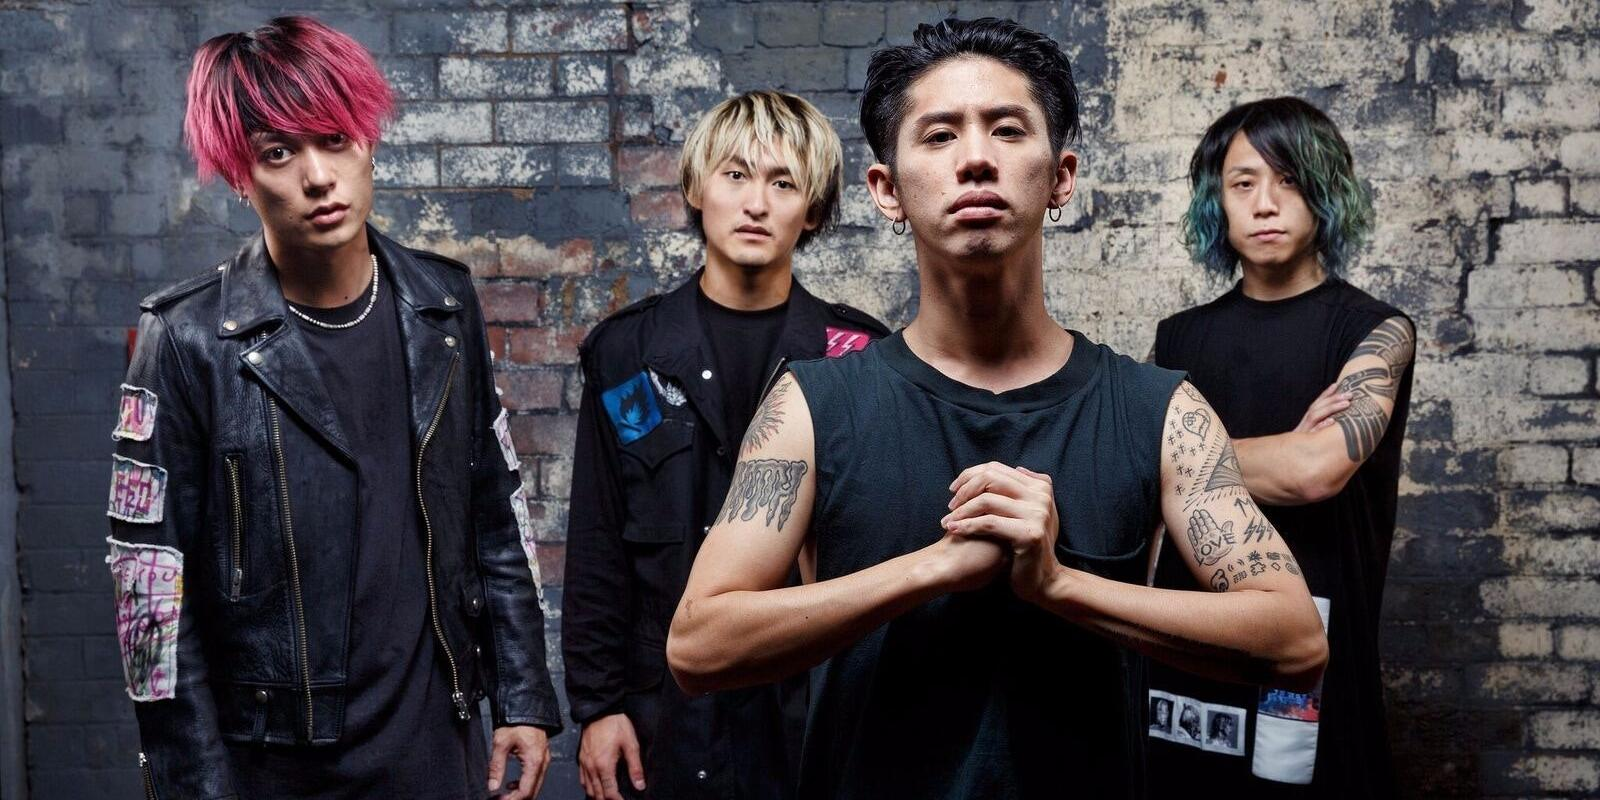 ONE OK ROCK: Wasted Nights 中文歌詞翻譯介紹 - Mr.生活扉頁